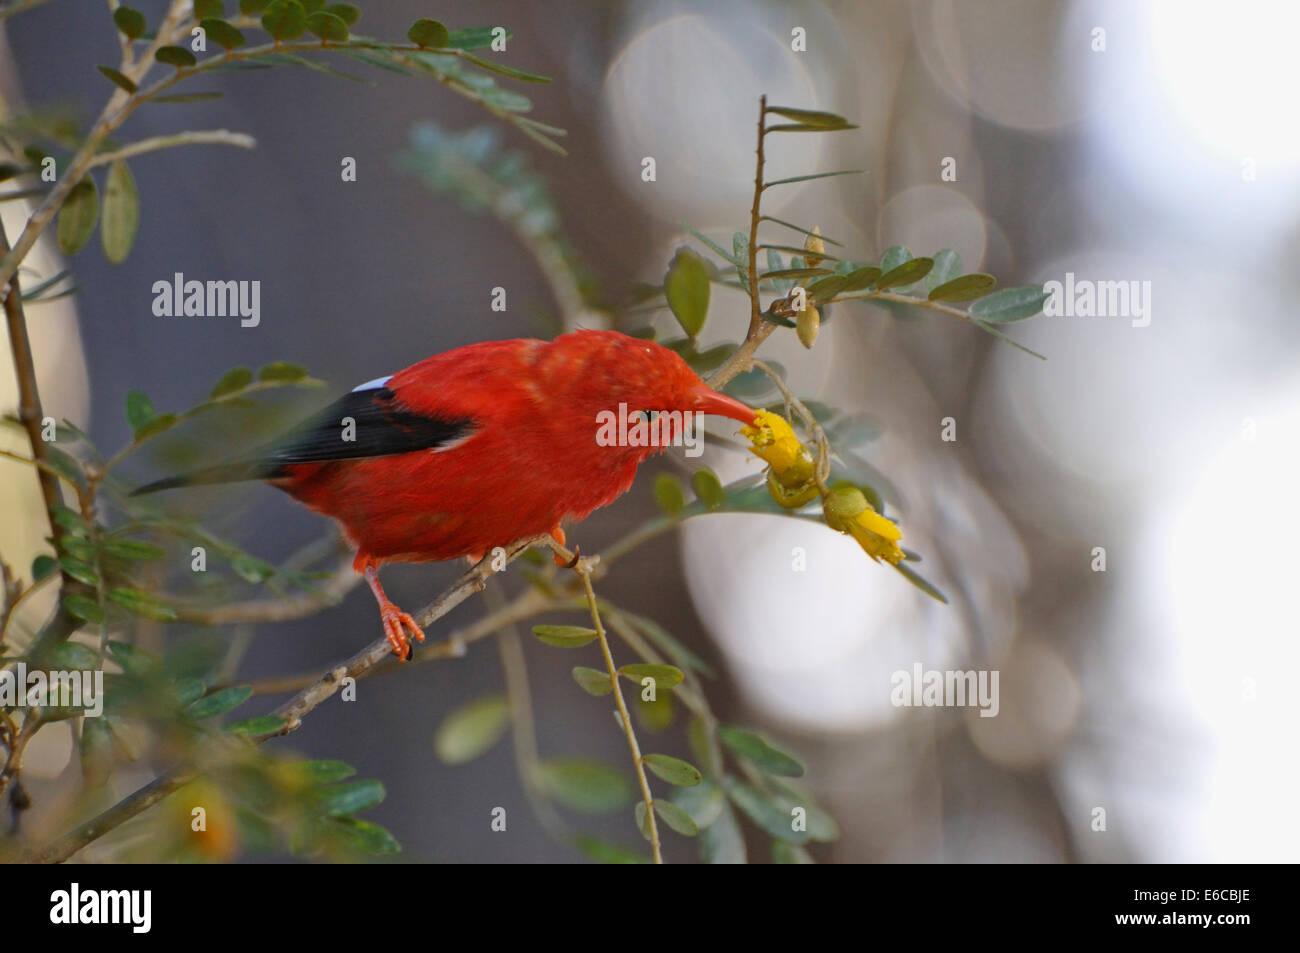 """Un """"I'iwi bird extrayendo el néctar de las flores del árbol de color amarillo en la isla de Maui, las Islas de Hawaii, EE.UU.. Foto de stock"""